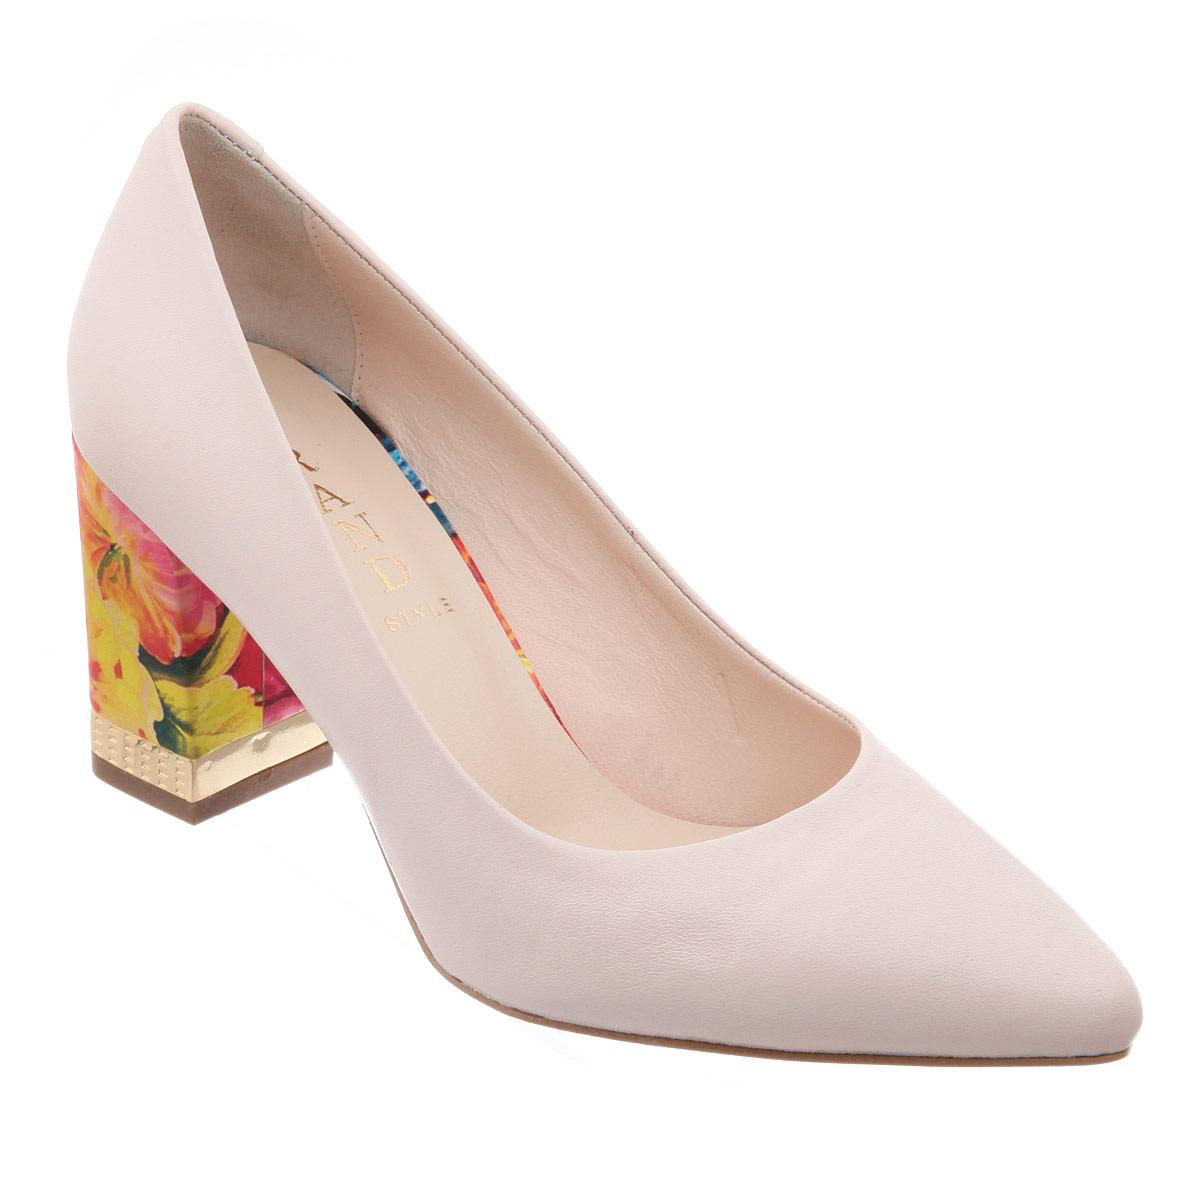 Туфли женские Grand Style, цвет: бежевый. 105-28-245. Размер 40105-28-245Оригинальные женские туфли от Grand Style позволят вам выделиться среди окружающих. Модель выполнена из натуральной кожи. Каблук оформлен цветочным принтом и металлической вставкой с гравированным узором. Заостренный носок - тренд сезона! Мягкая стелька из натуральной кожи невероятно комфортна при ходьбе. Умеренной высоты каблук - с противоскользящим рифлением.Эффектные туфли внесут изюминку в ваш модный образ.